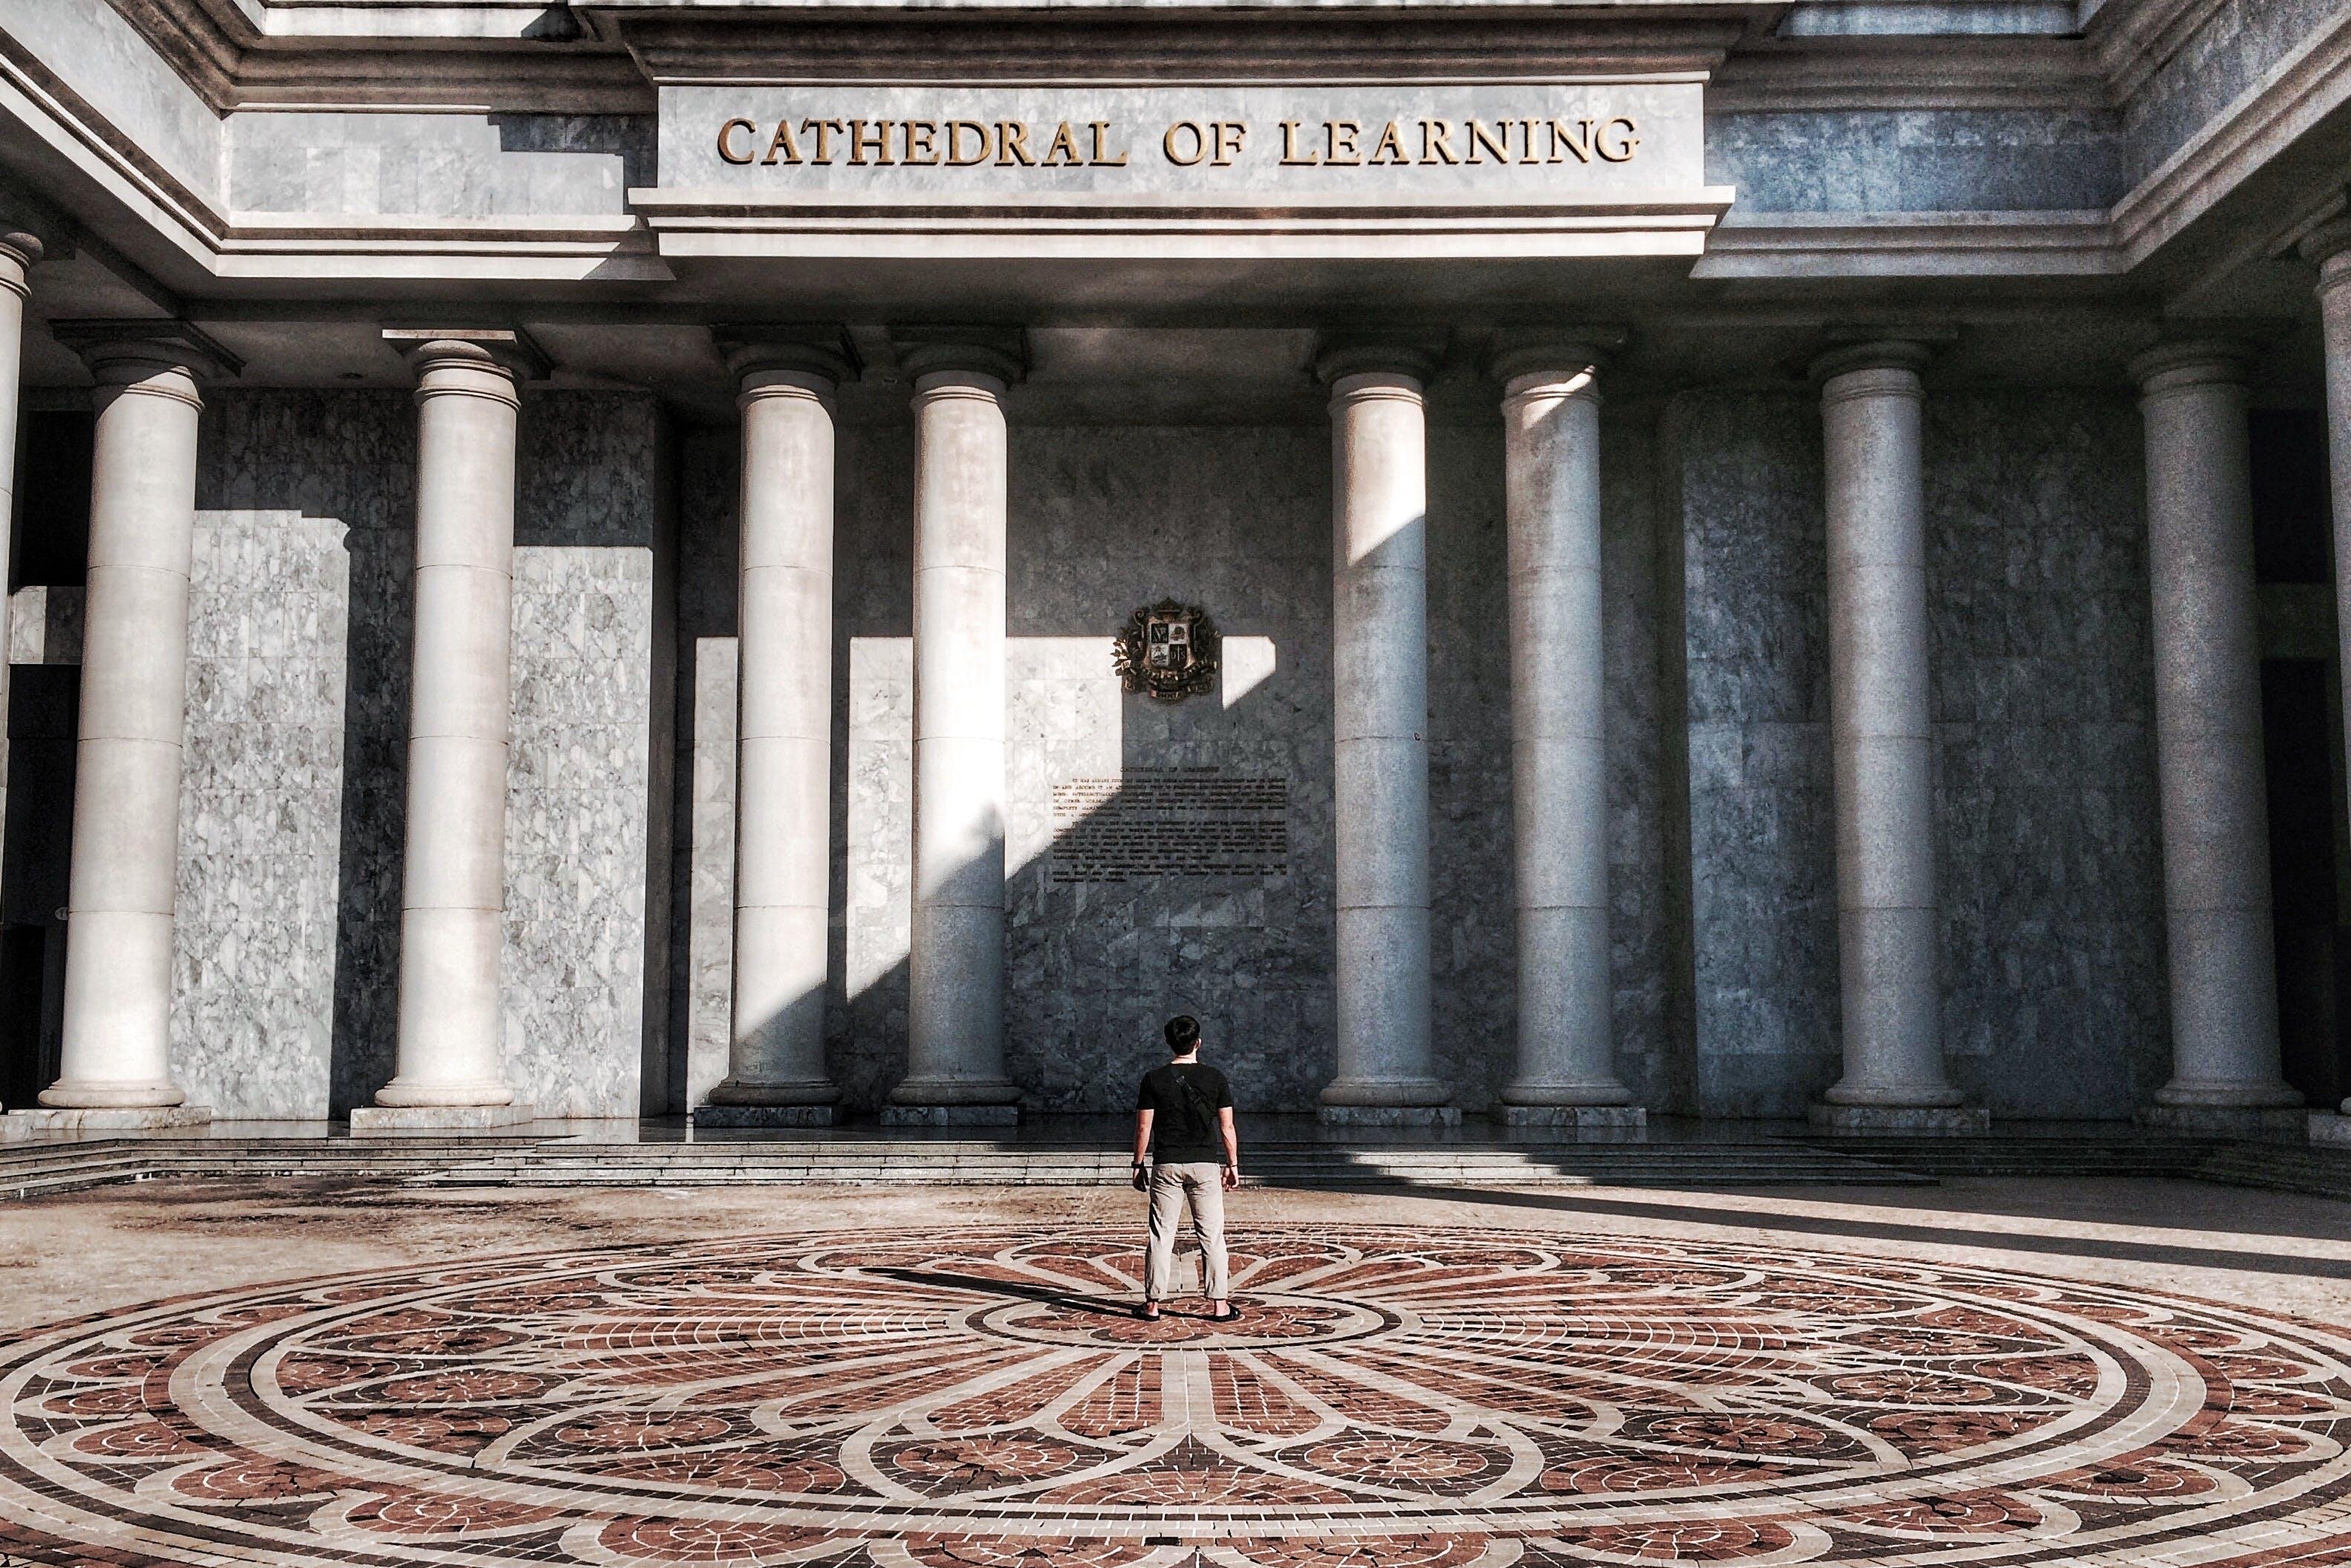 Fotos de stock gratuitas de antiguo, arquitectura, catedral del aprendizaje, clásico